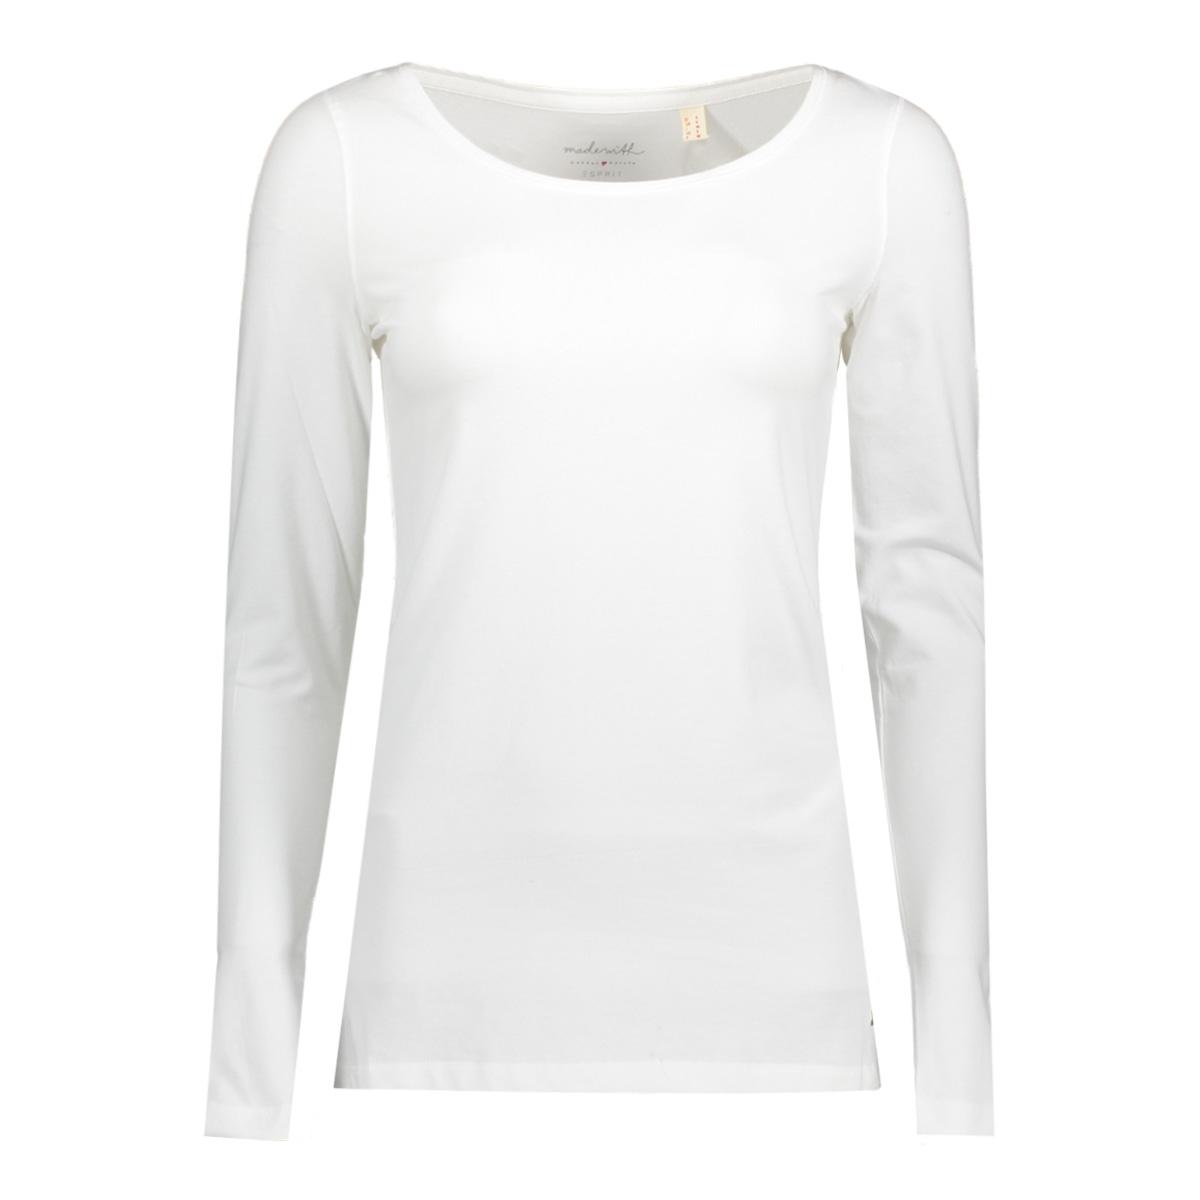 997ee1k815 esprit t-shirt e100